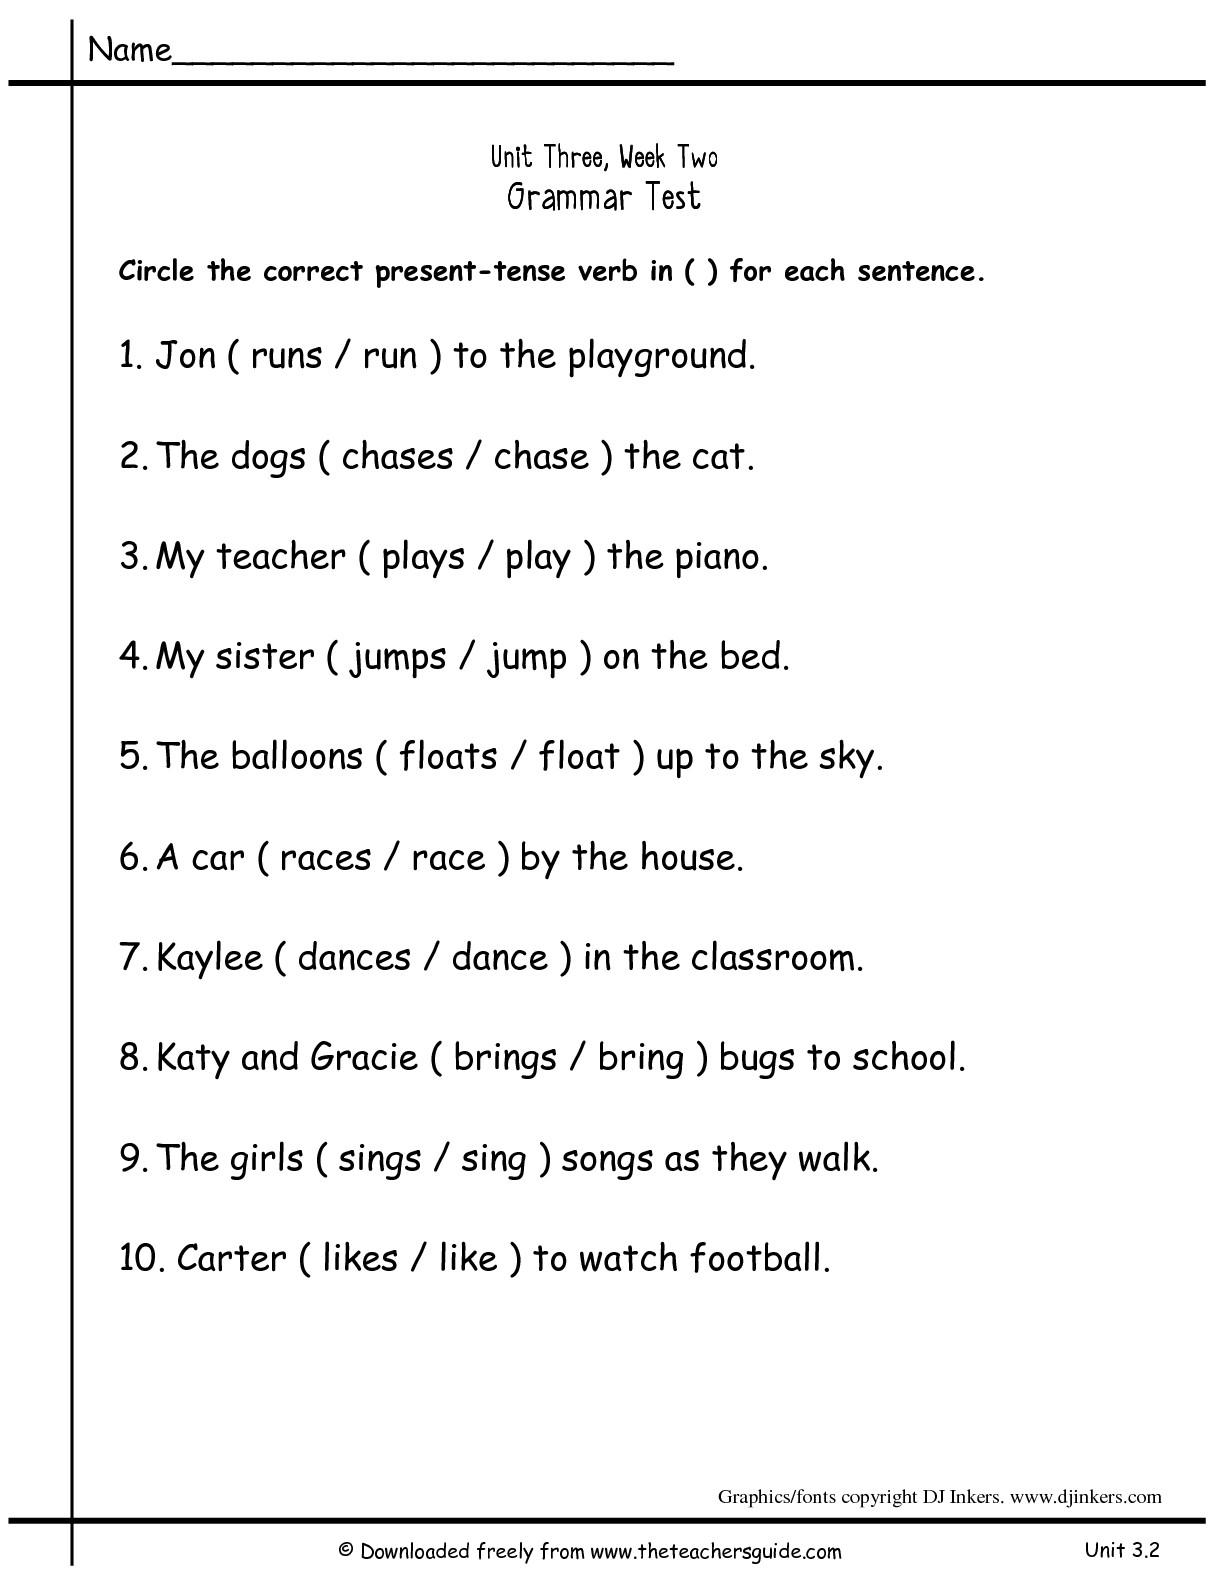 18 Best Images Of 1st Grade Grammar Noun Worksheets